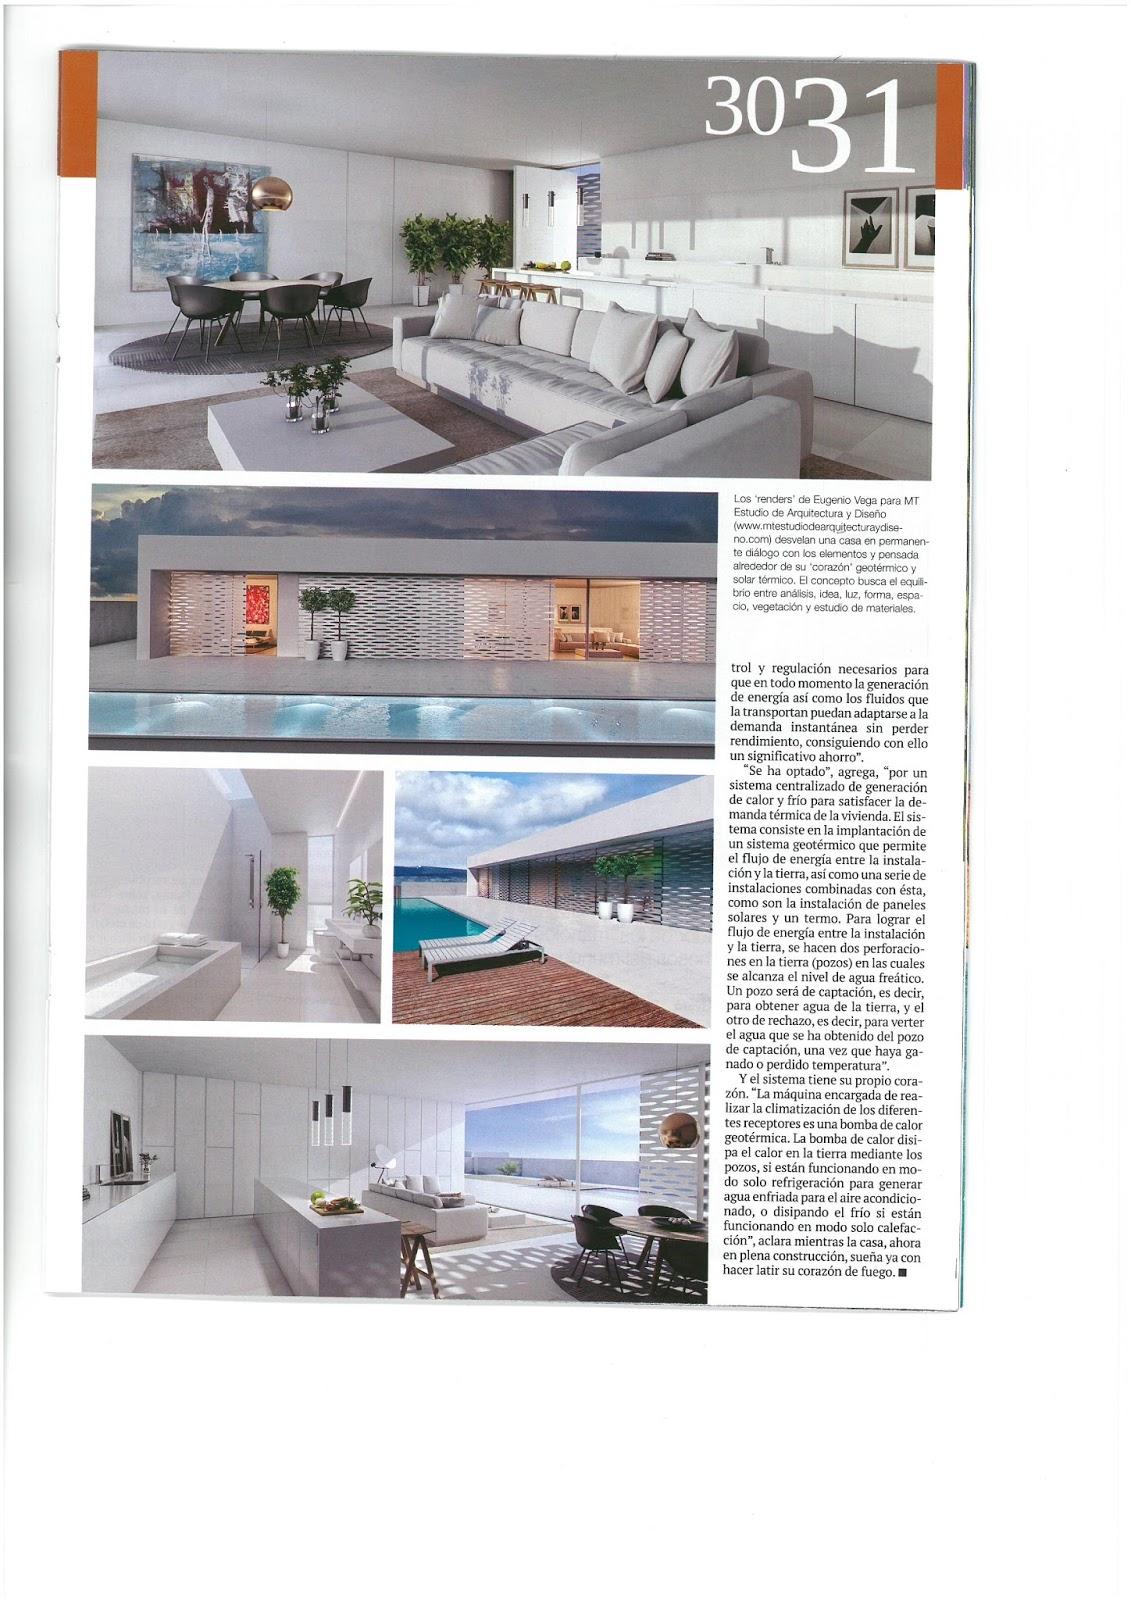 Parque tecnol gico playa para so la casa filtro de for Estudio de arquitectura y diseno